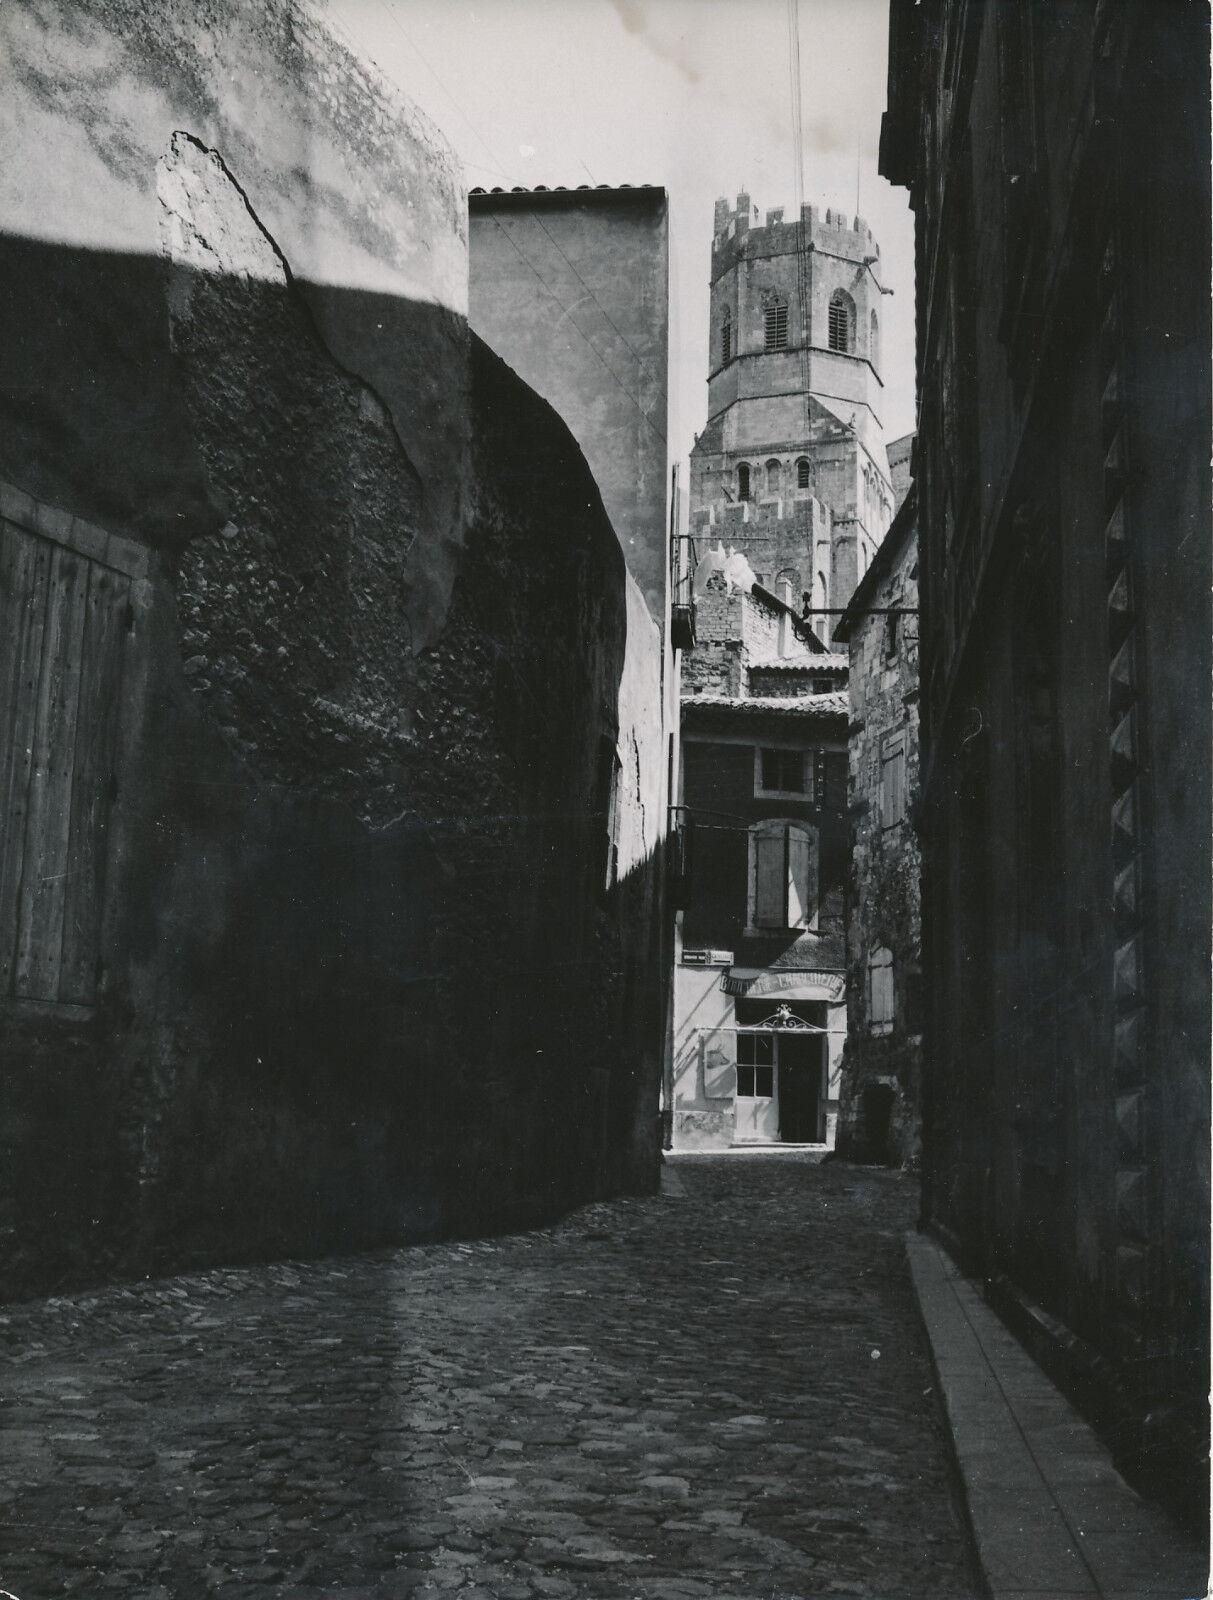 VIVIERS c. 1950 - Boucherie-Charcuterie Cathédrale St Vincent Ardèche - Div 7870